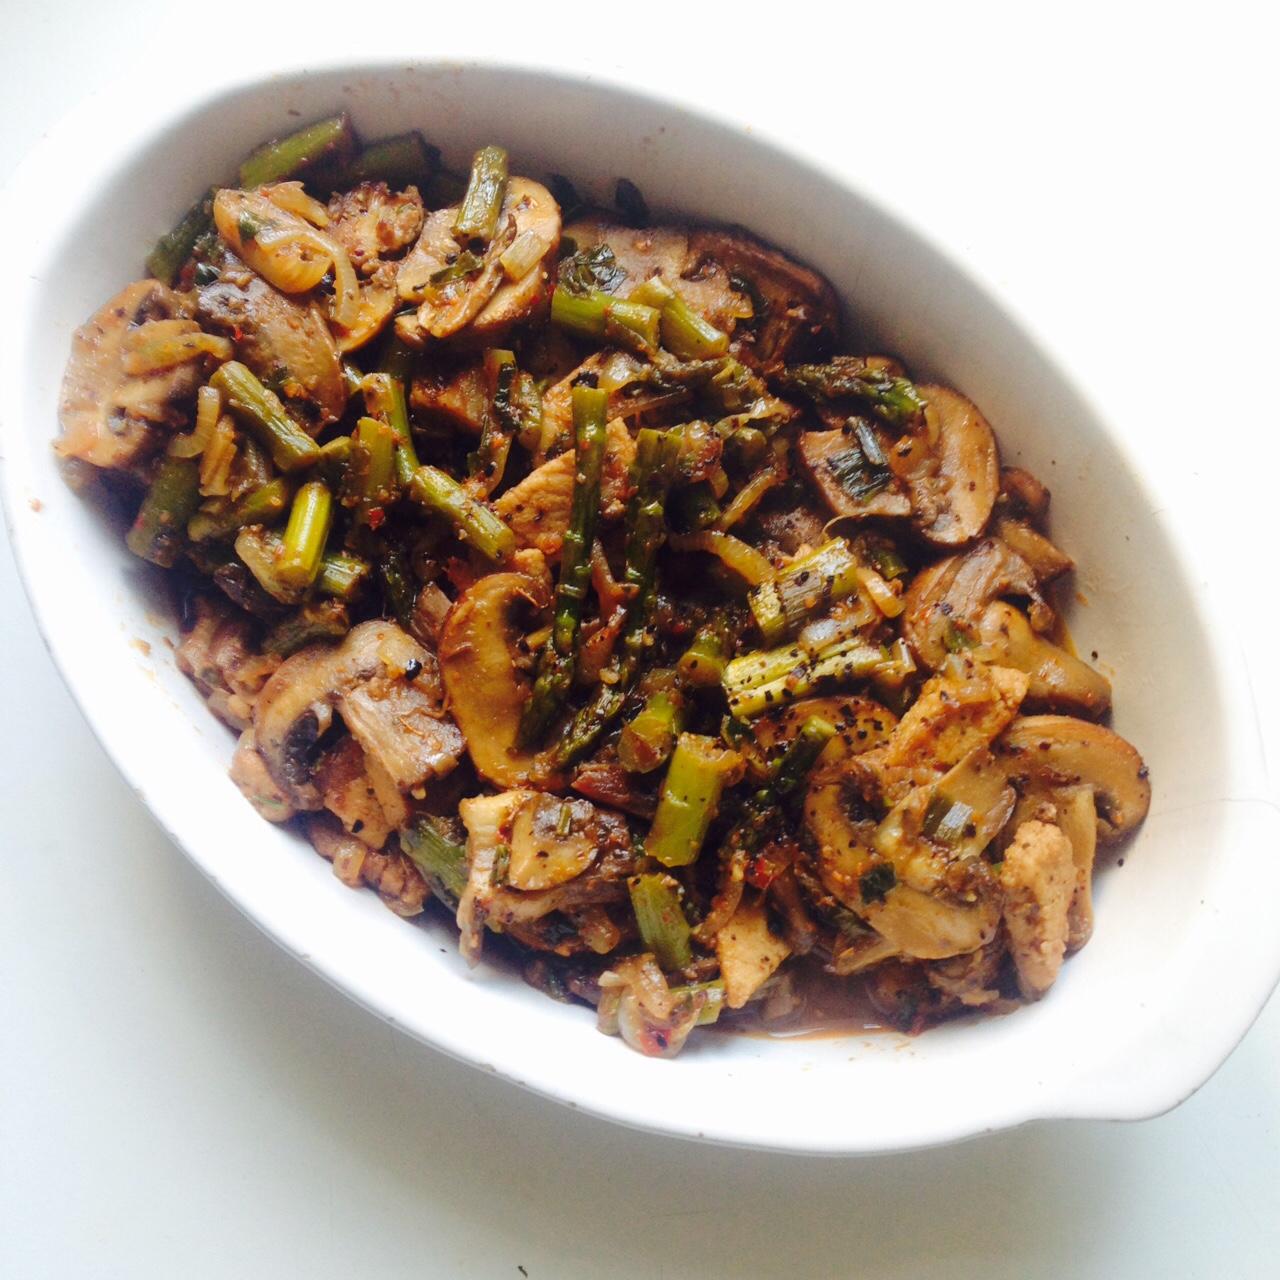 Pirított gomba • Gluténmentes, paleo, low carb receptek • Gluténmentesen Egészségesen